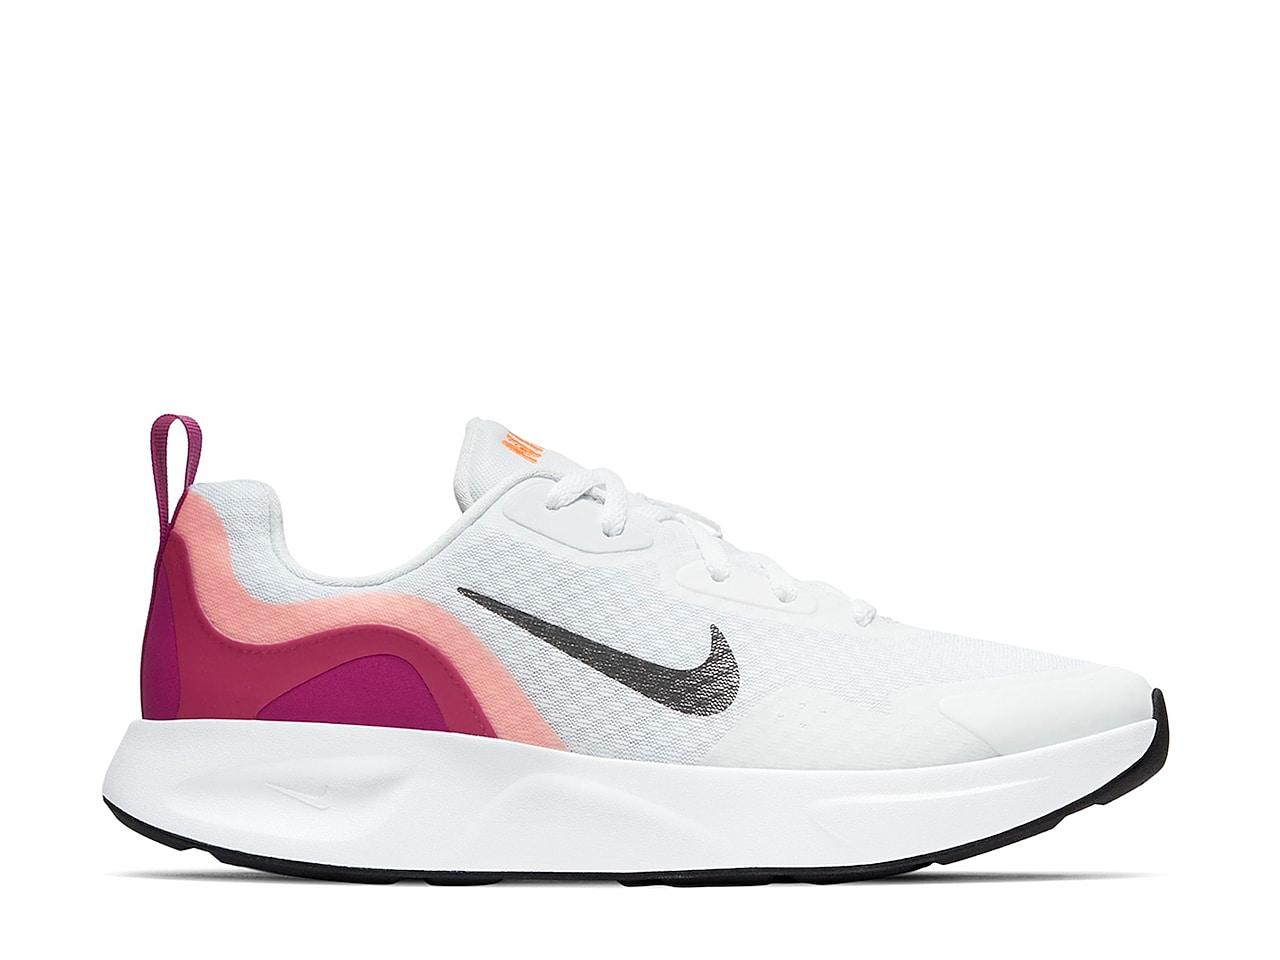 Wearallday Sneaker - Women's